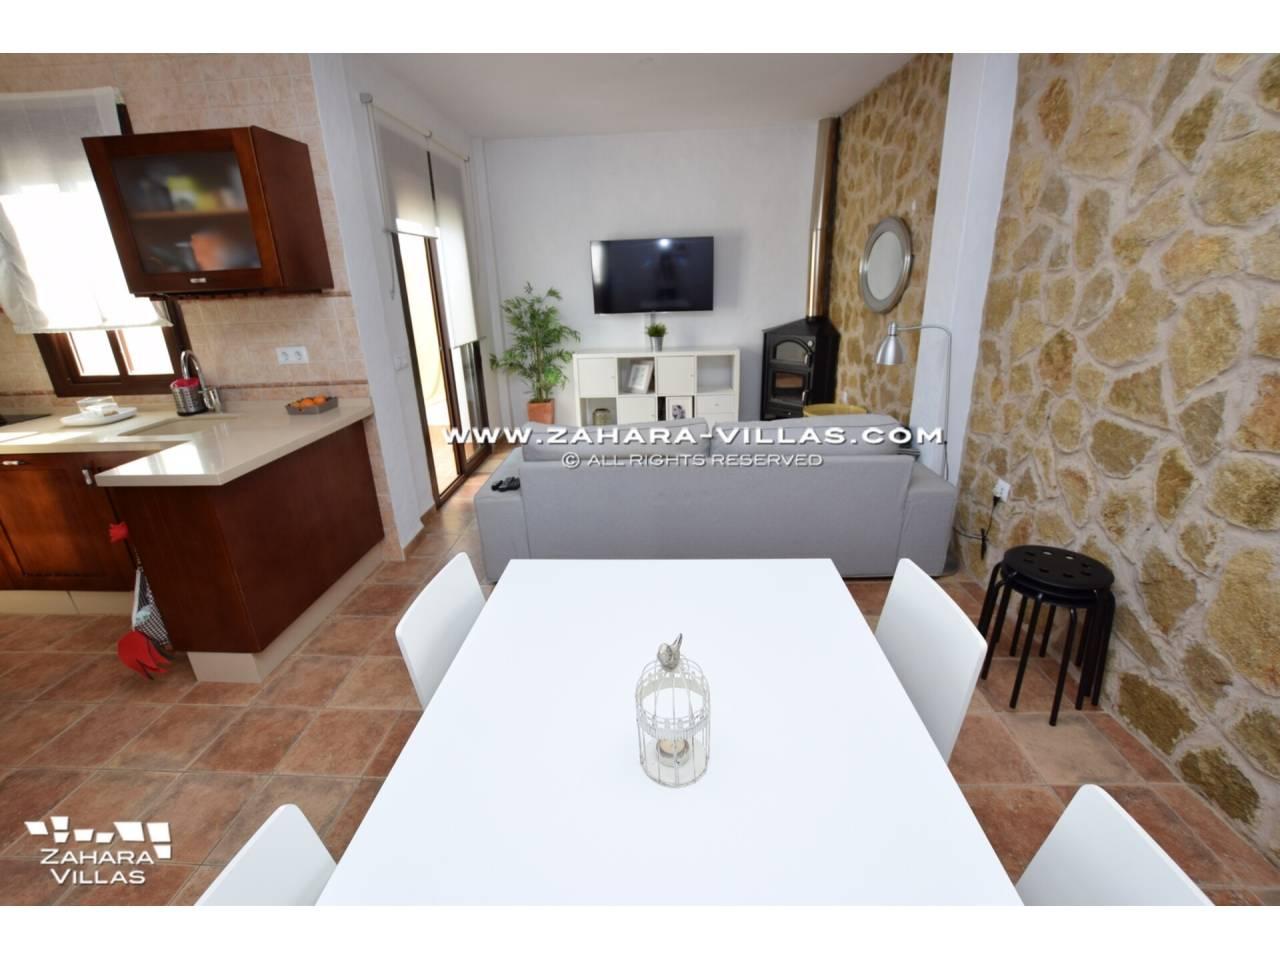 Imagen 1 de Haus zum verkauf in Zahara de los Atunes